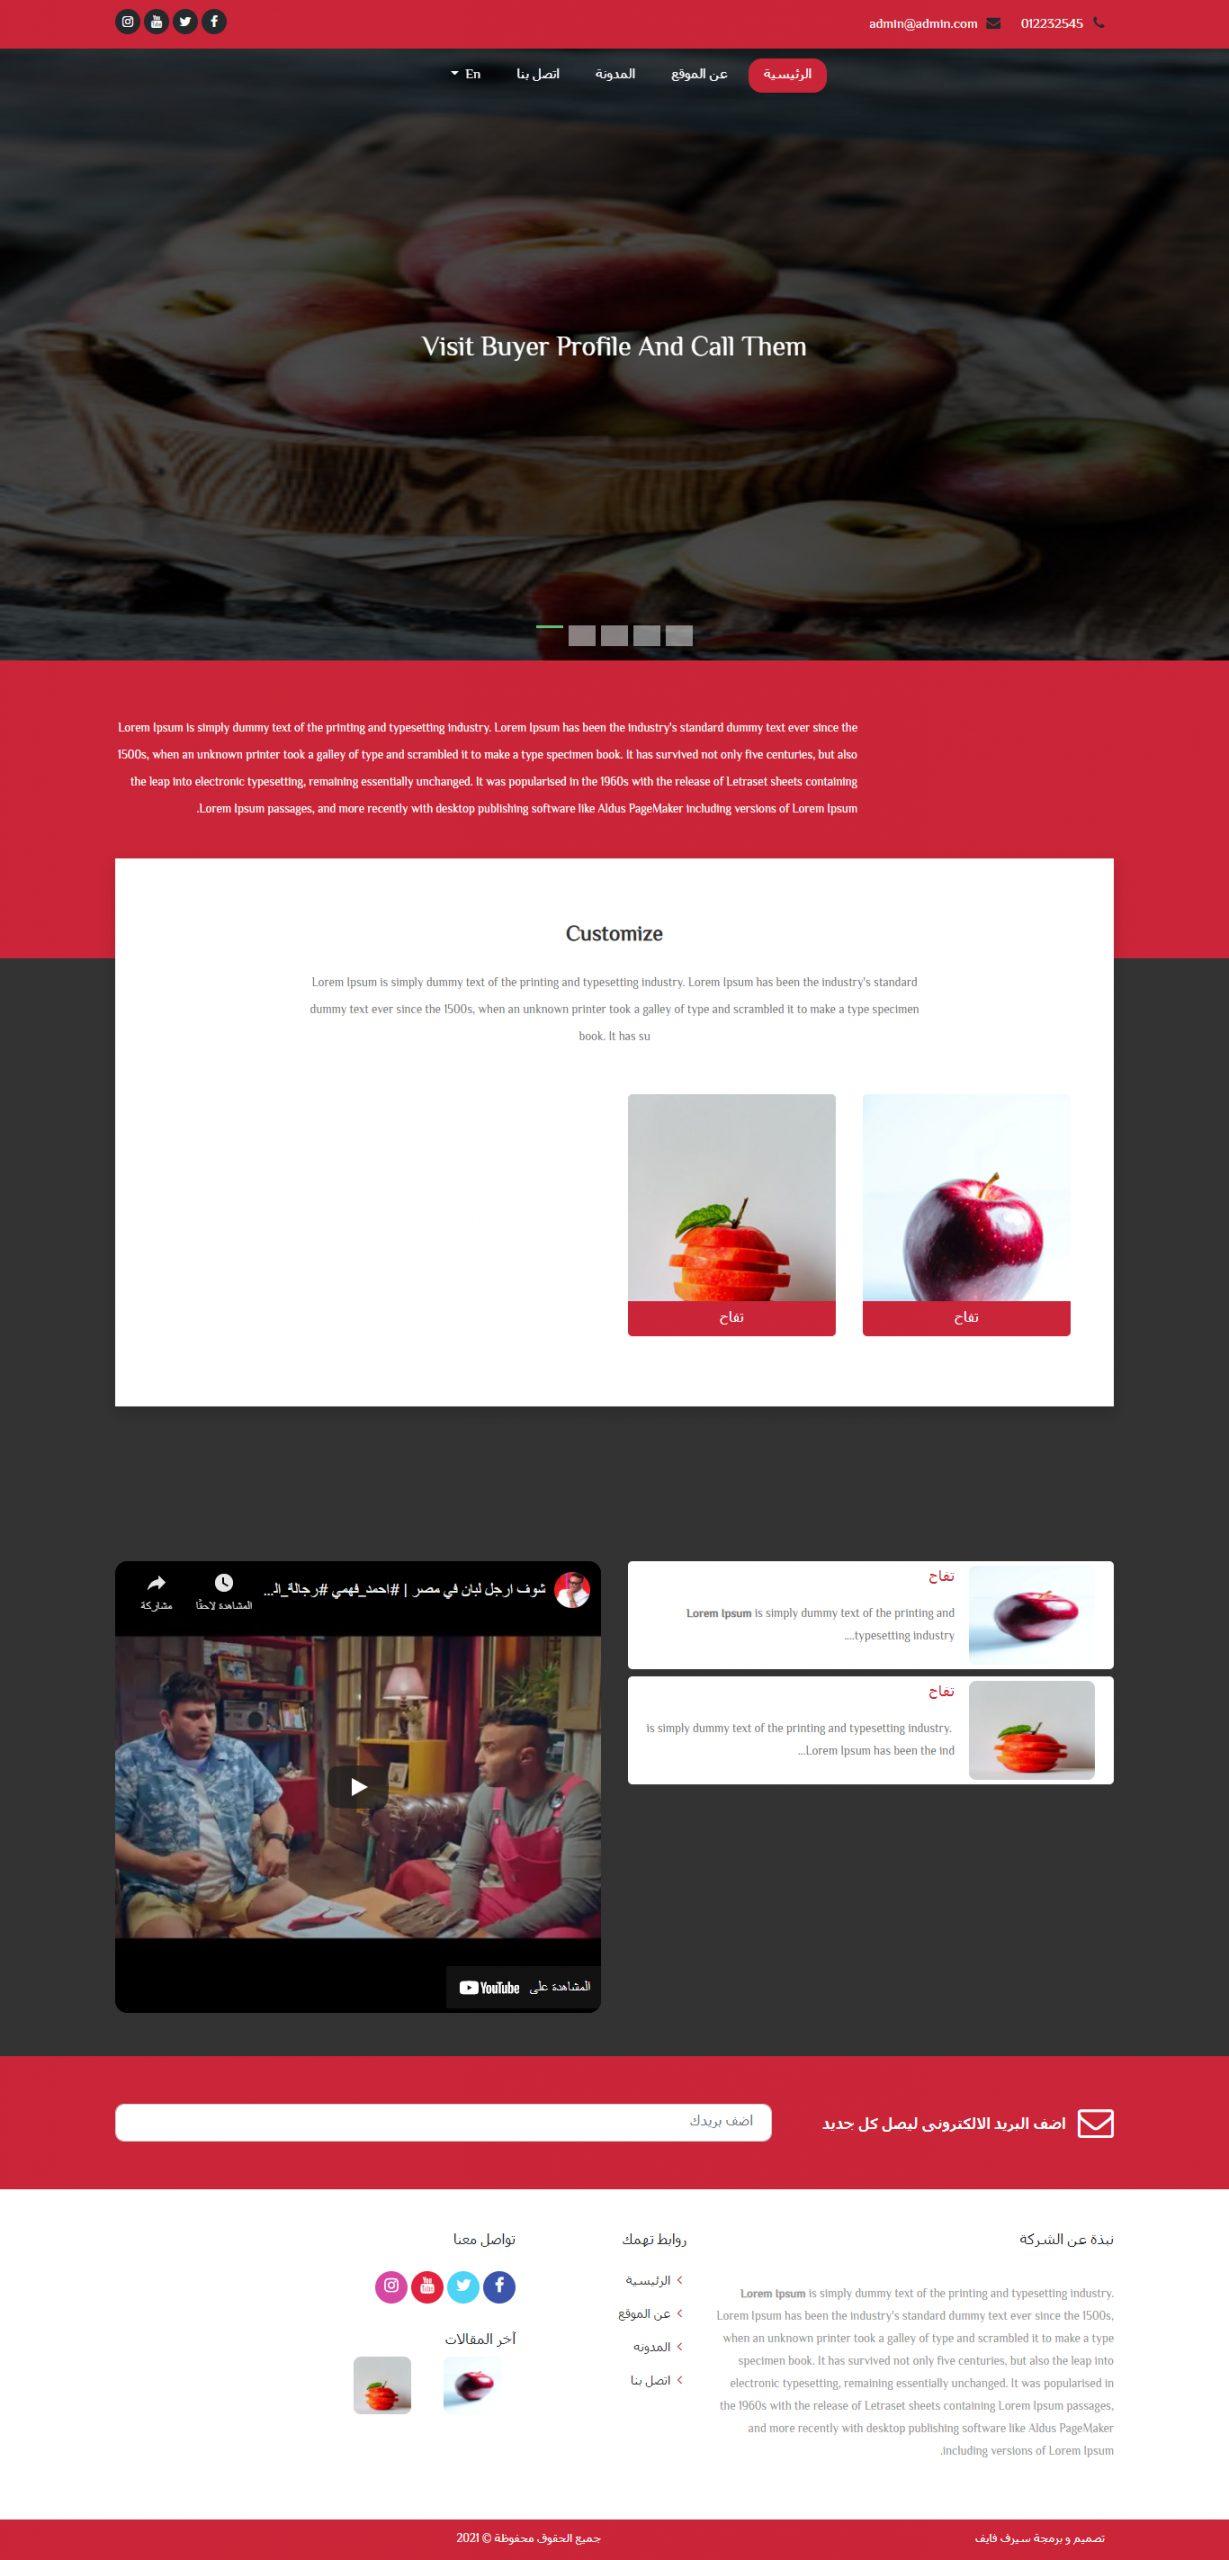 تصميم موقع tolba للحسابات